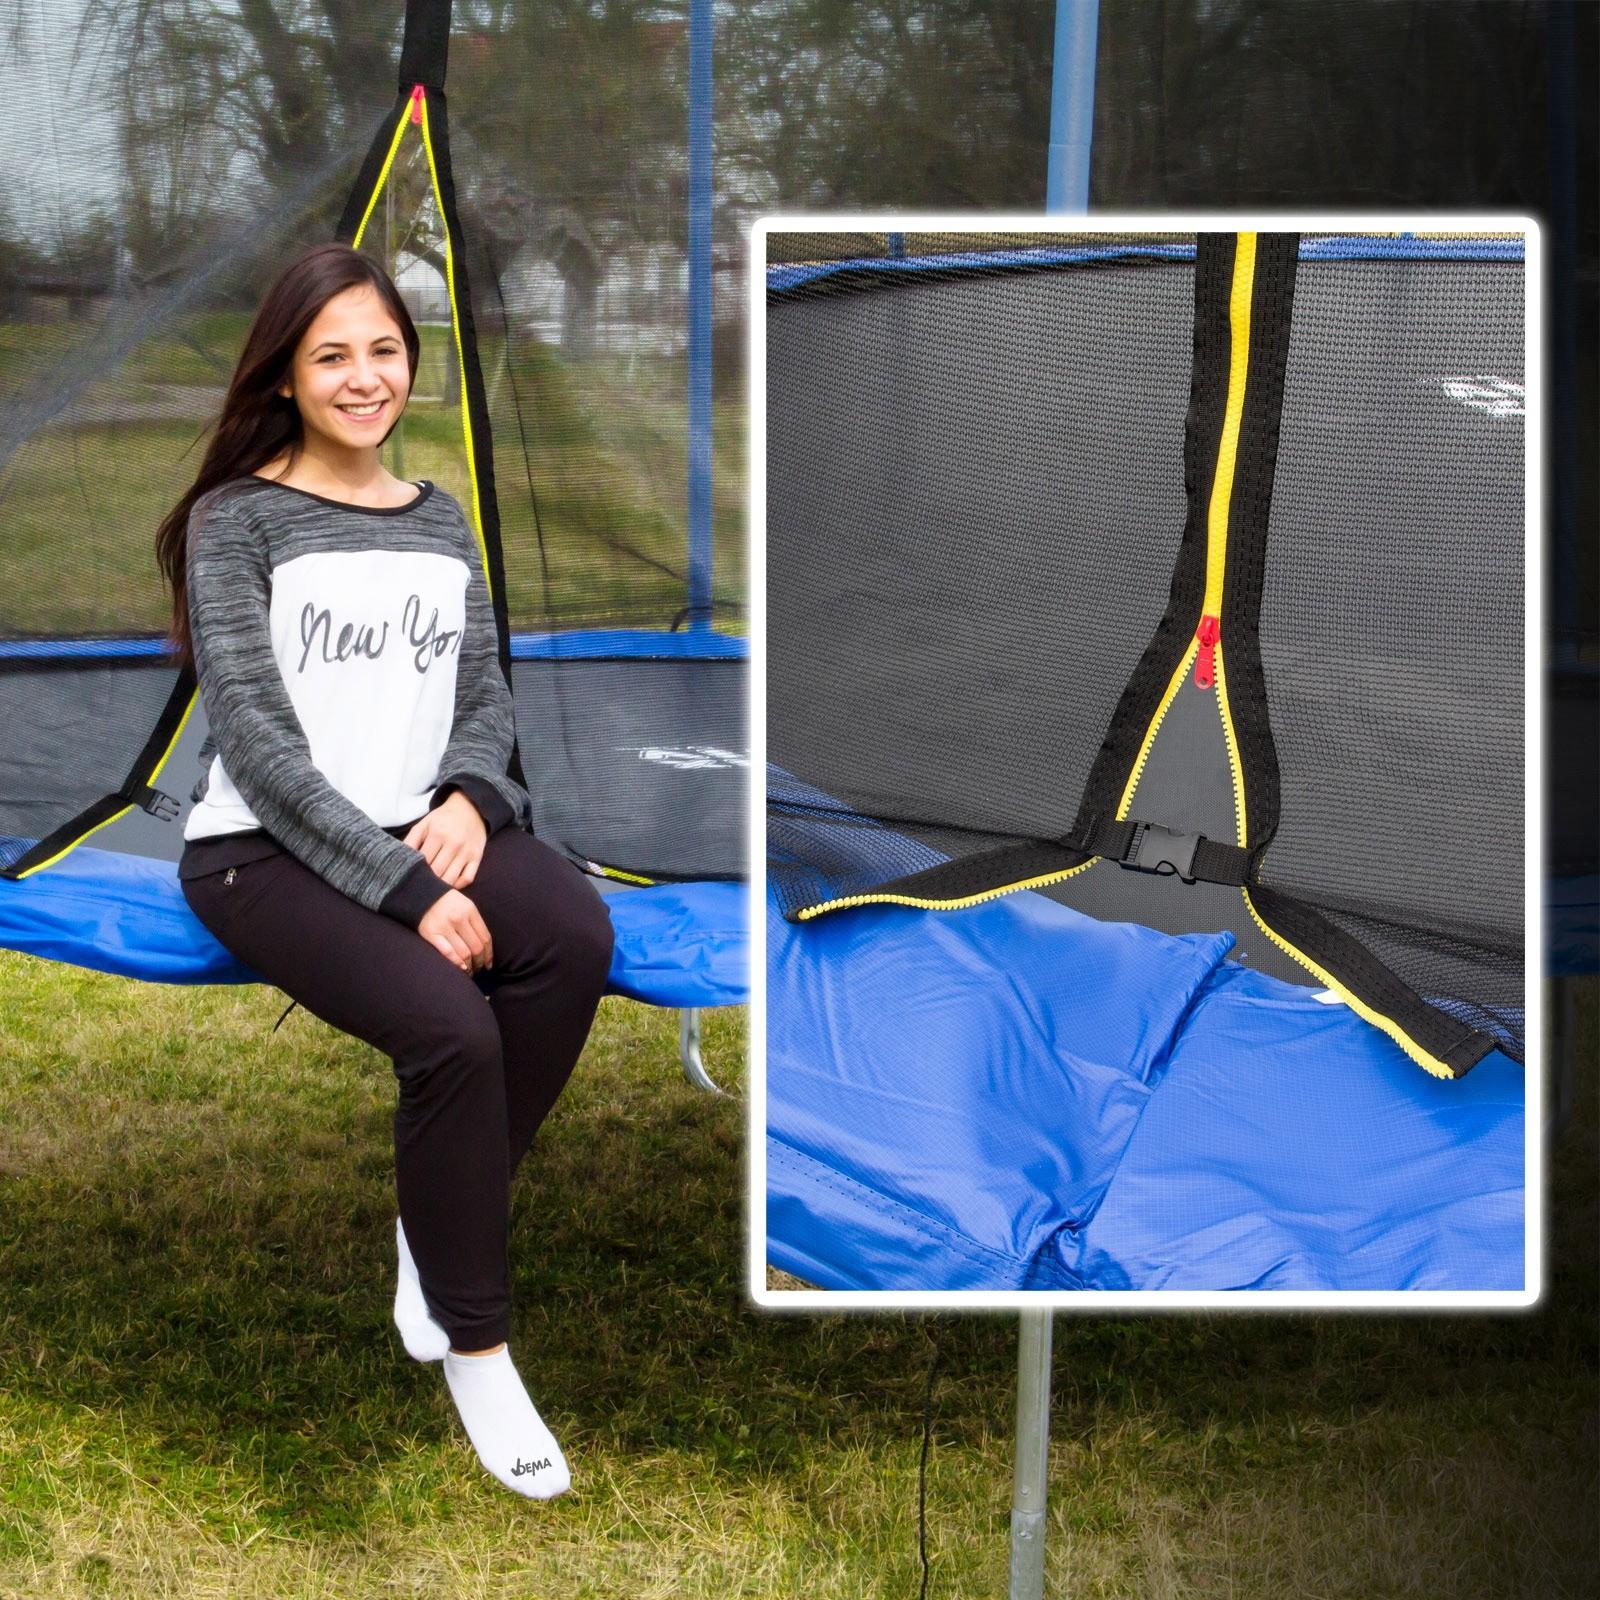 riesen trampolin gartentrampolin xxl 426 cm mit sicherheitsnetz. Black Bedroom Furniture Sets. Home Design Ideas